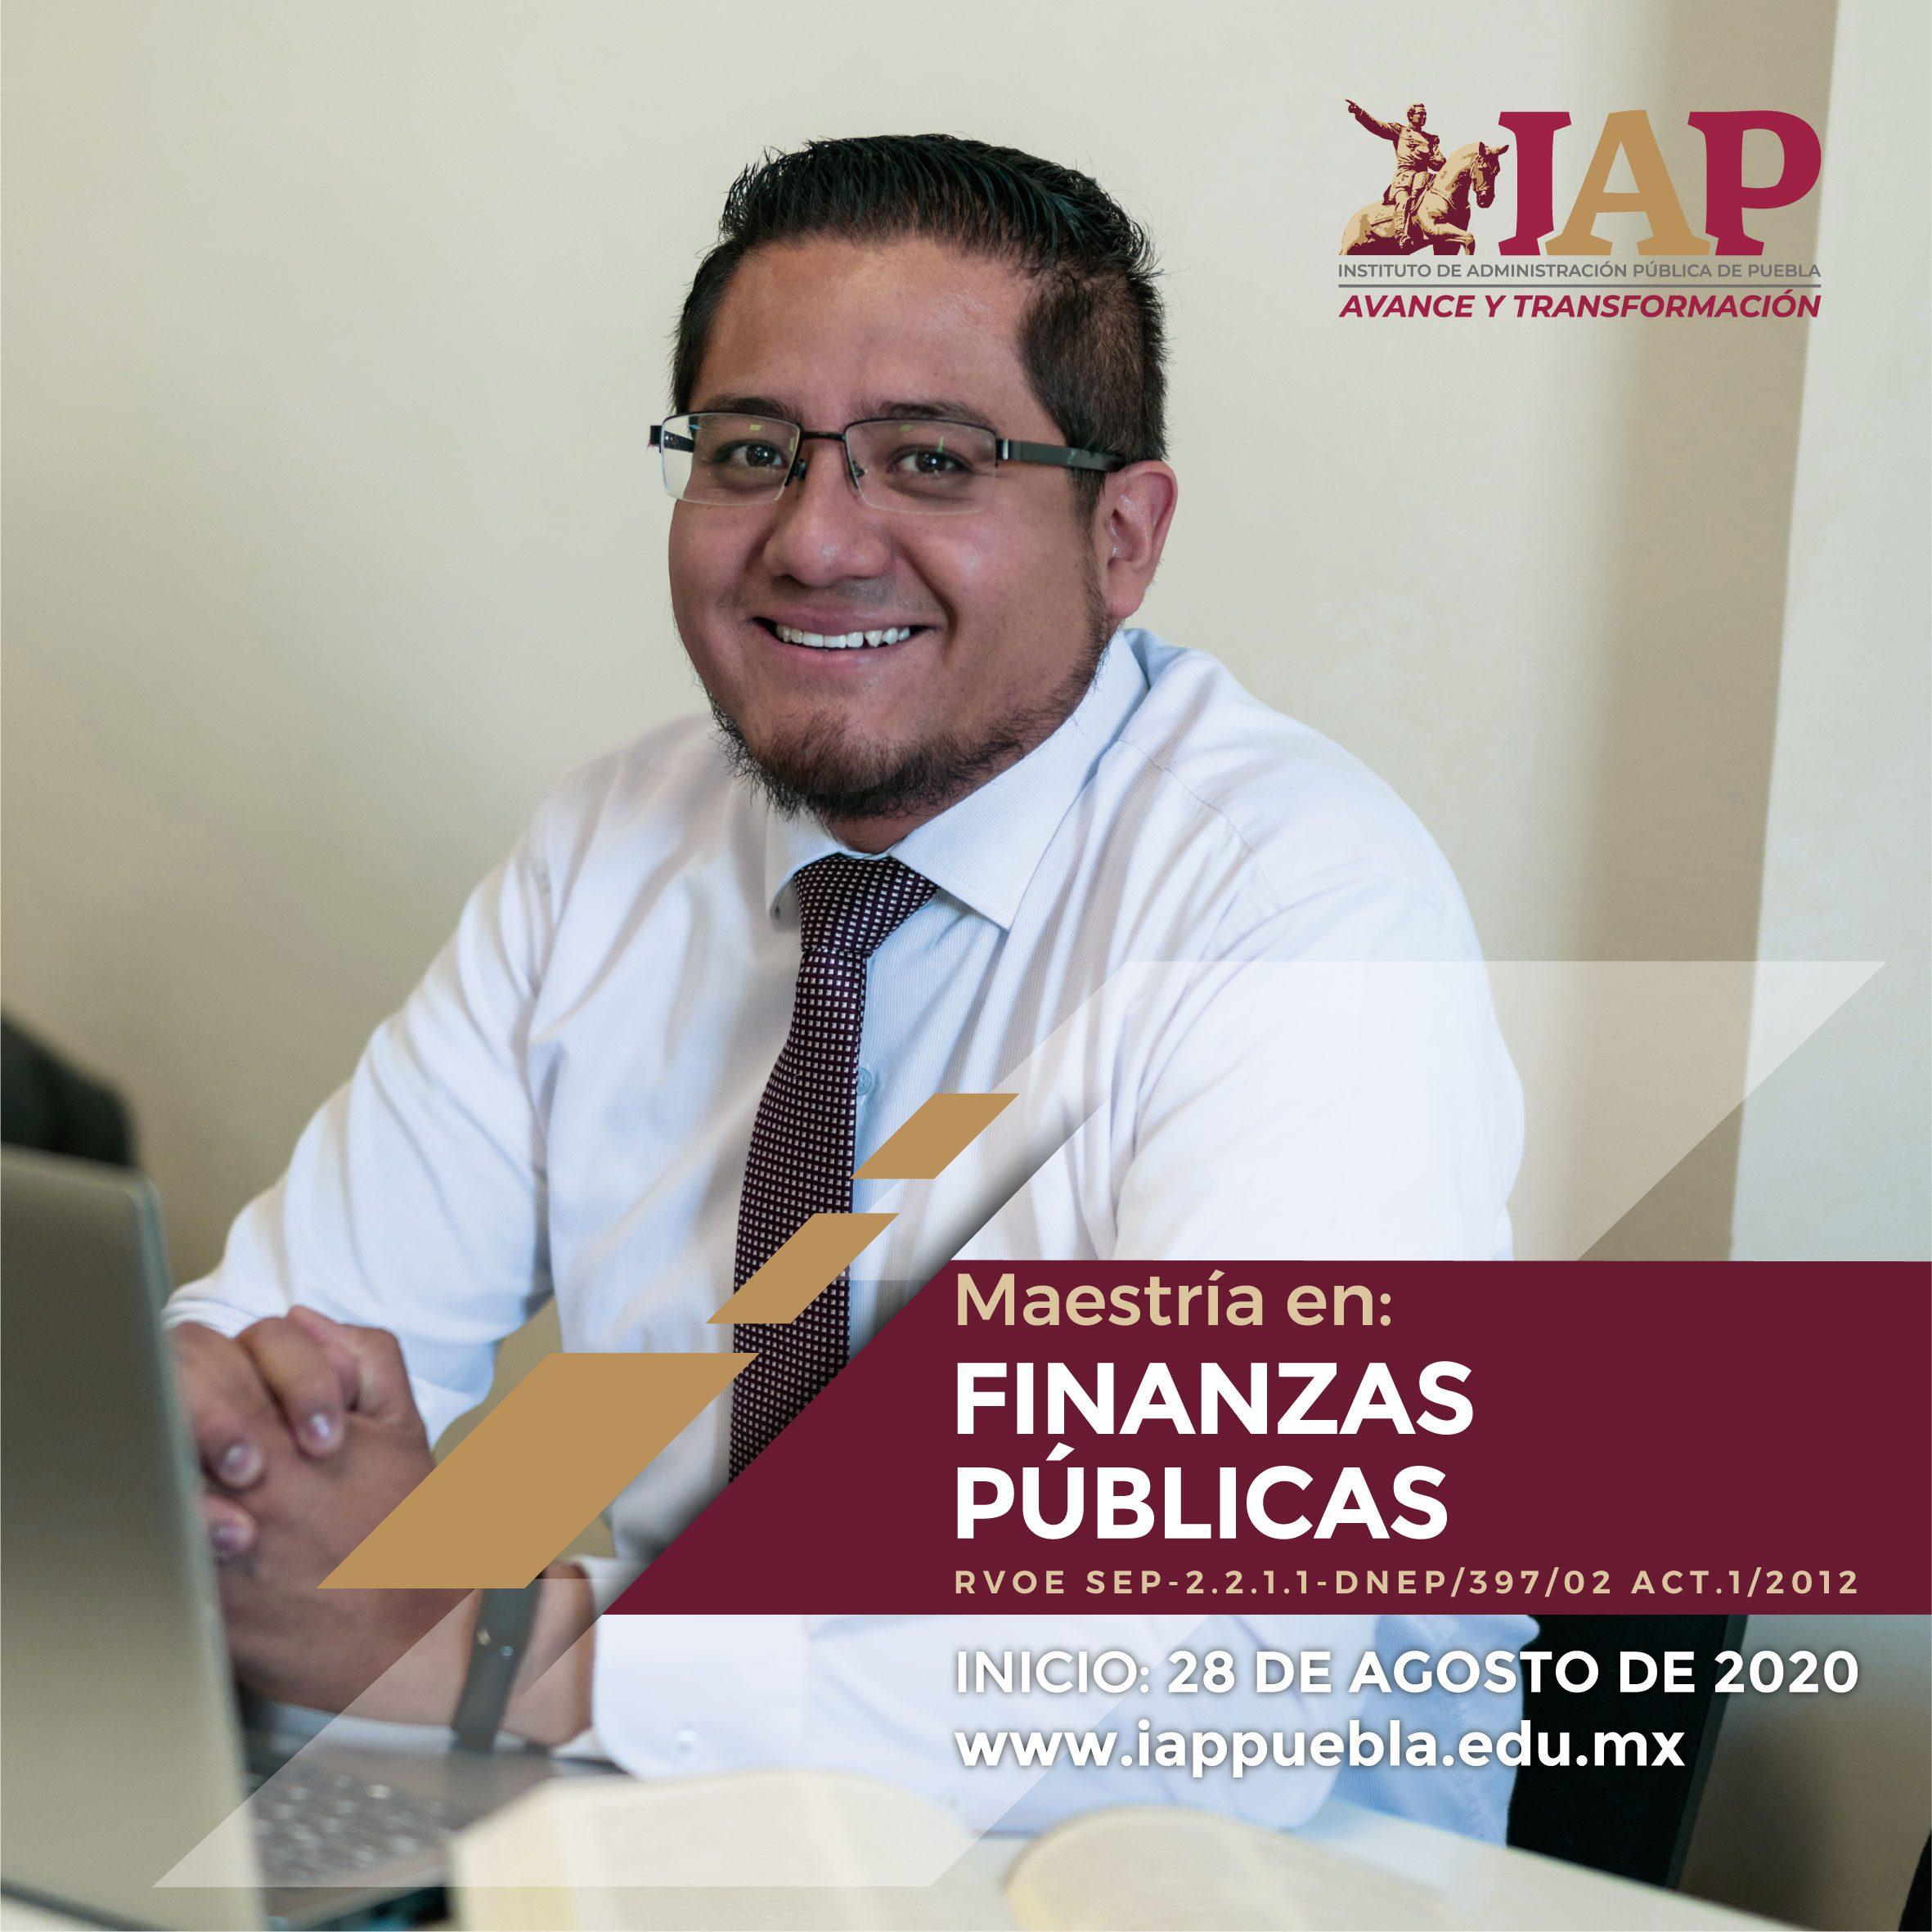 Maestría en Finanzas Públicas